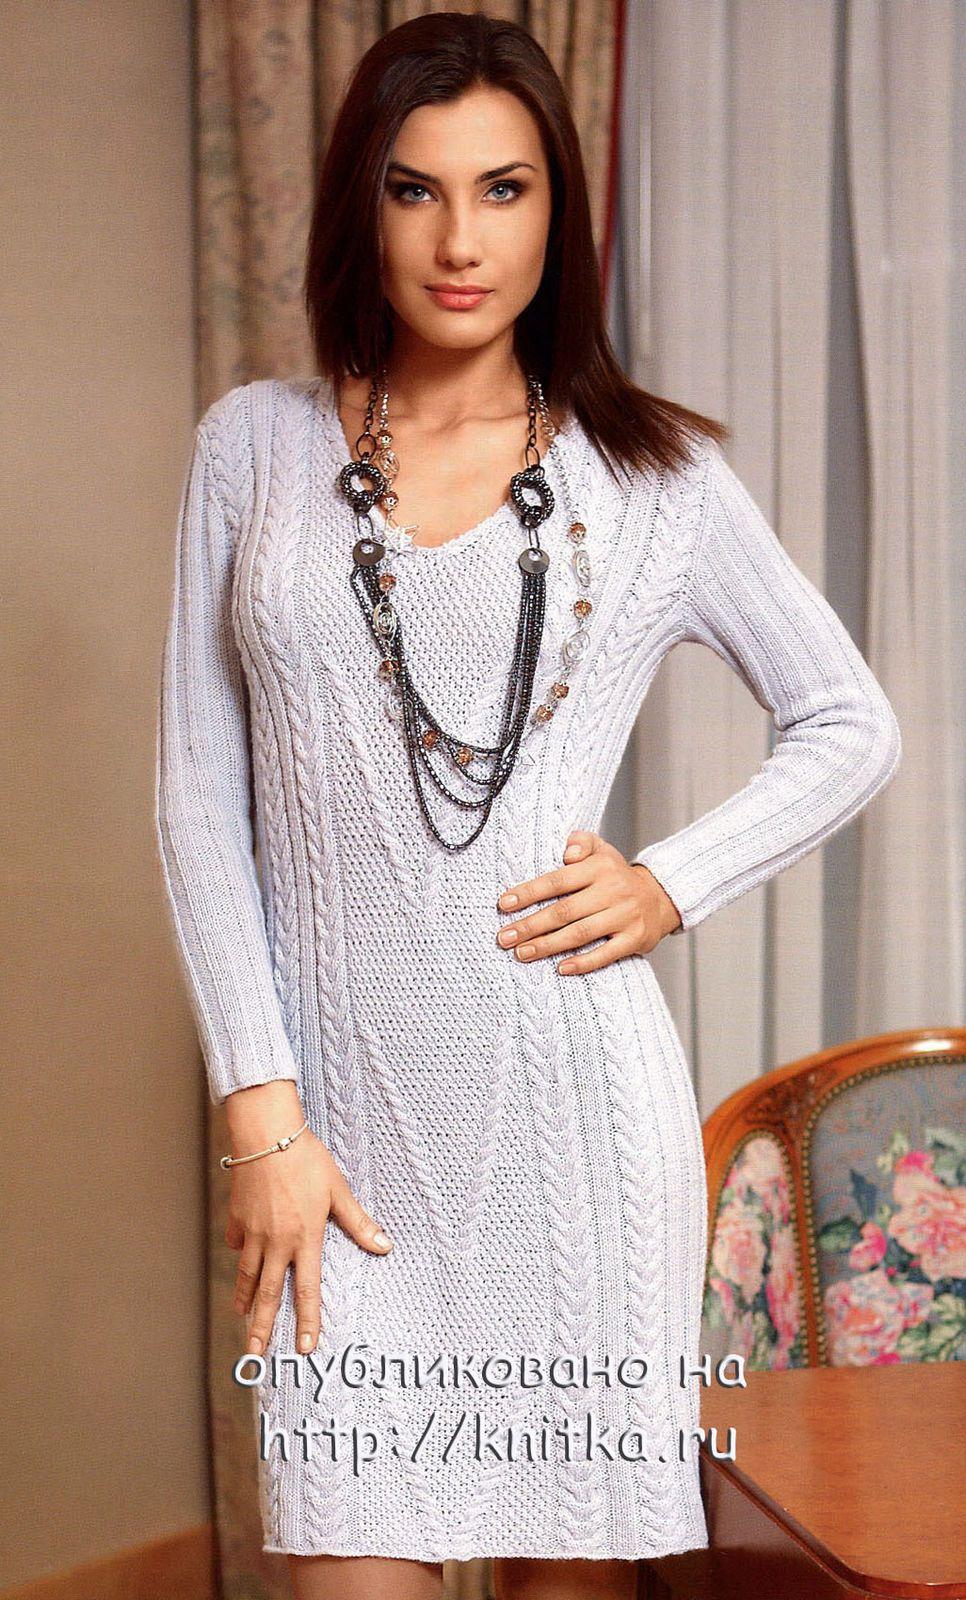 эффектное женское платье связанное спицами с описанием и схемой